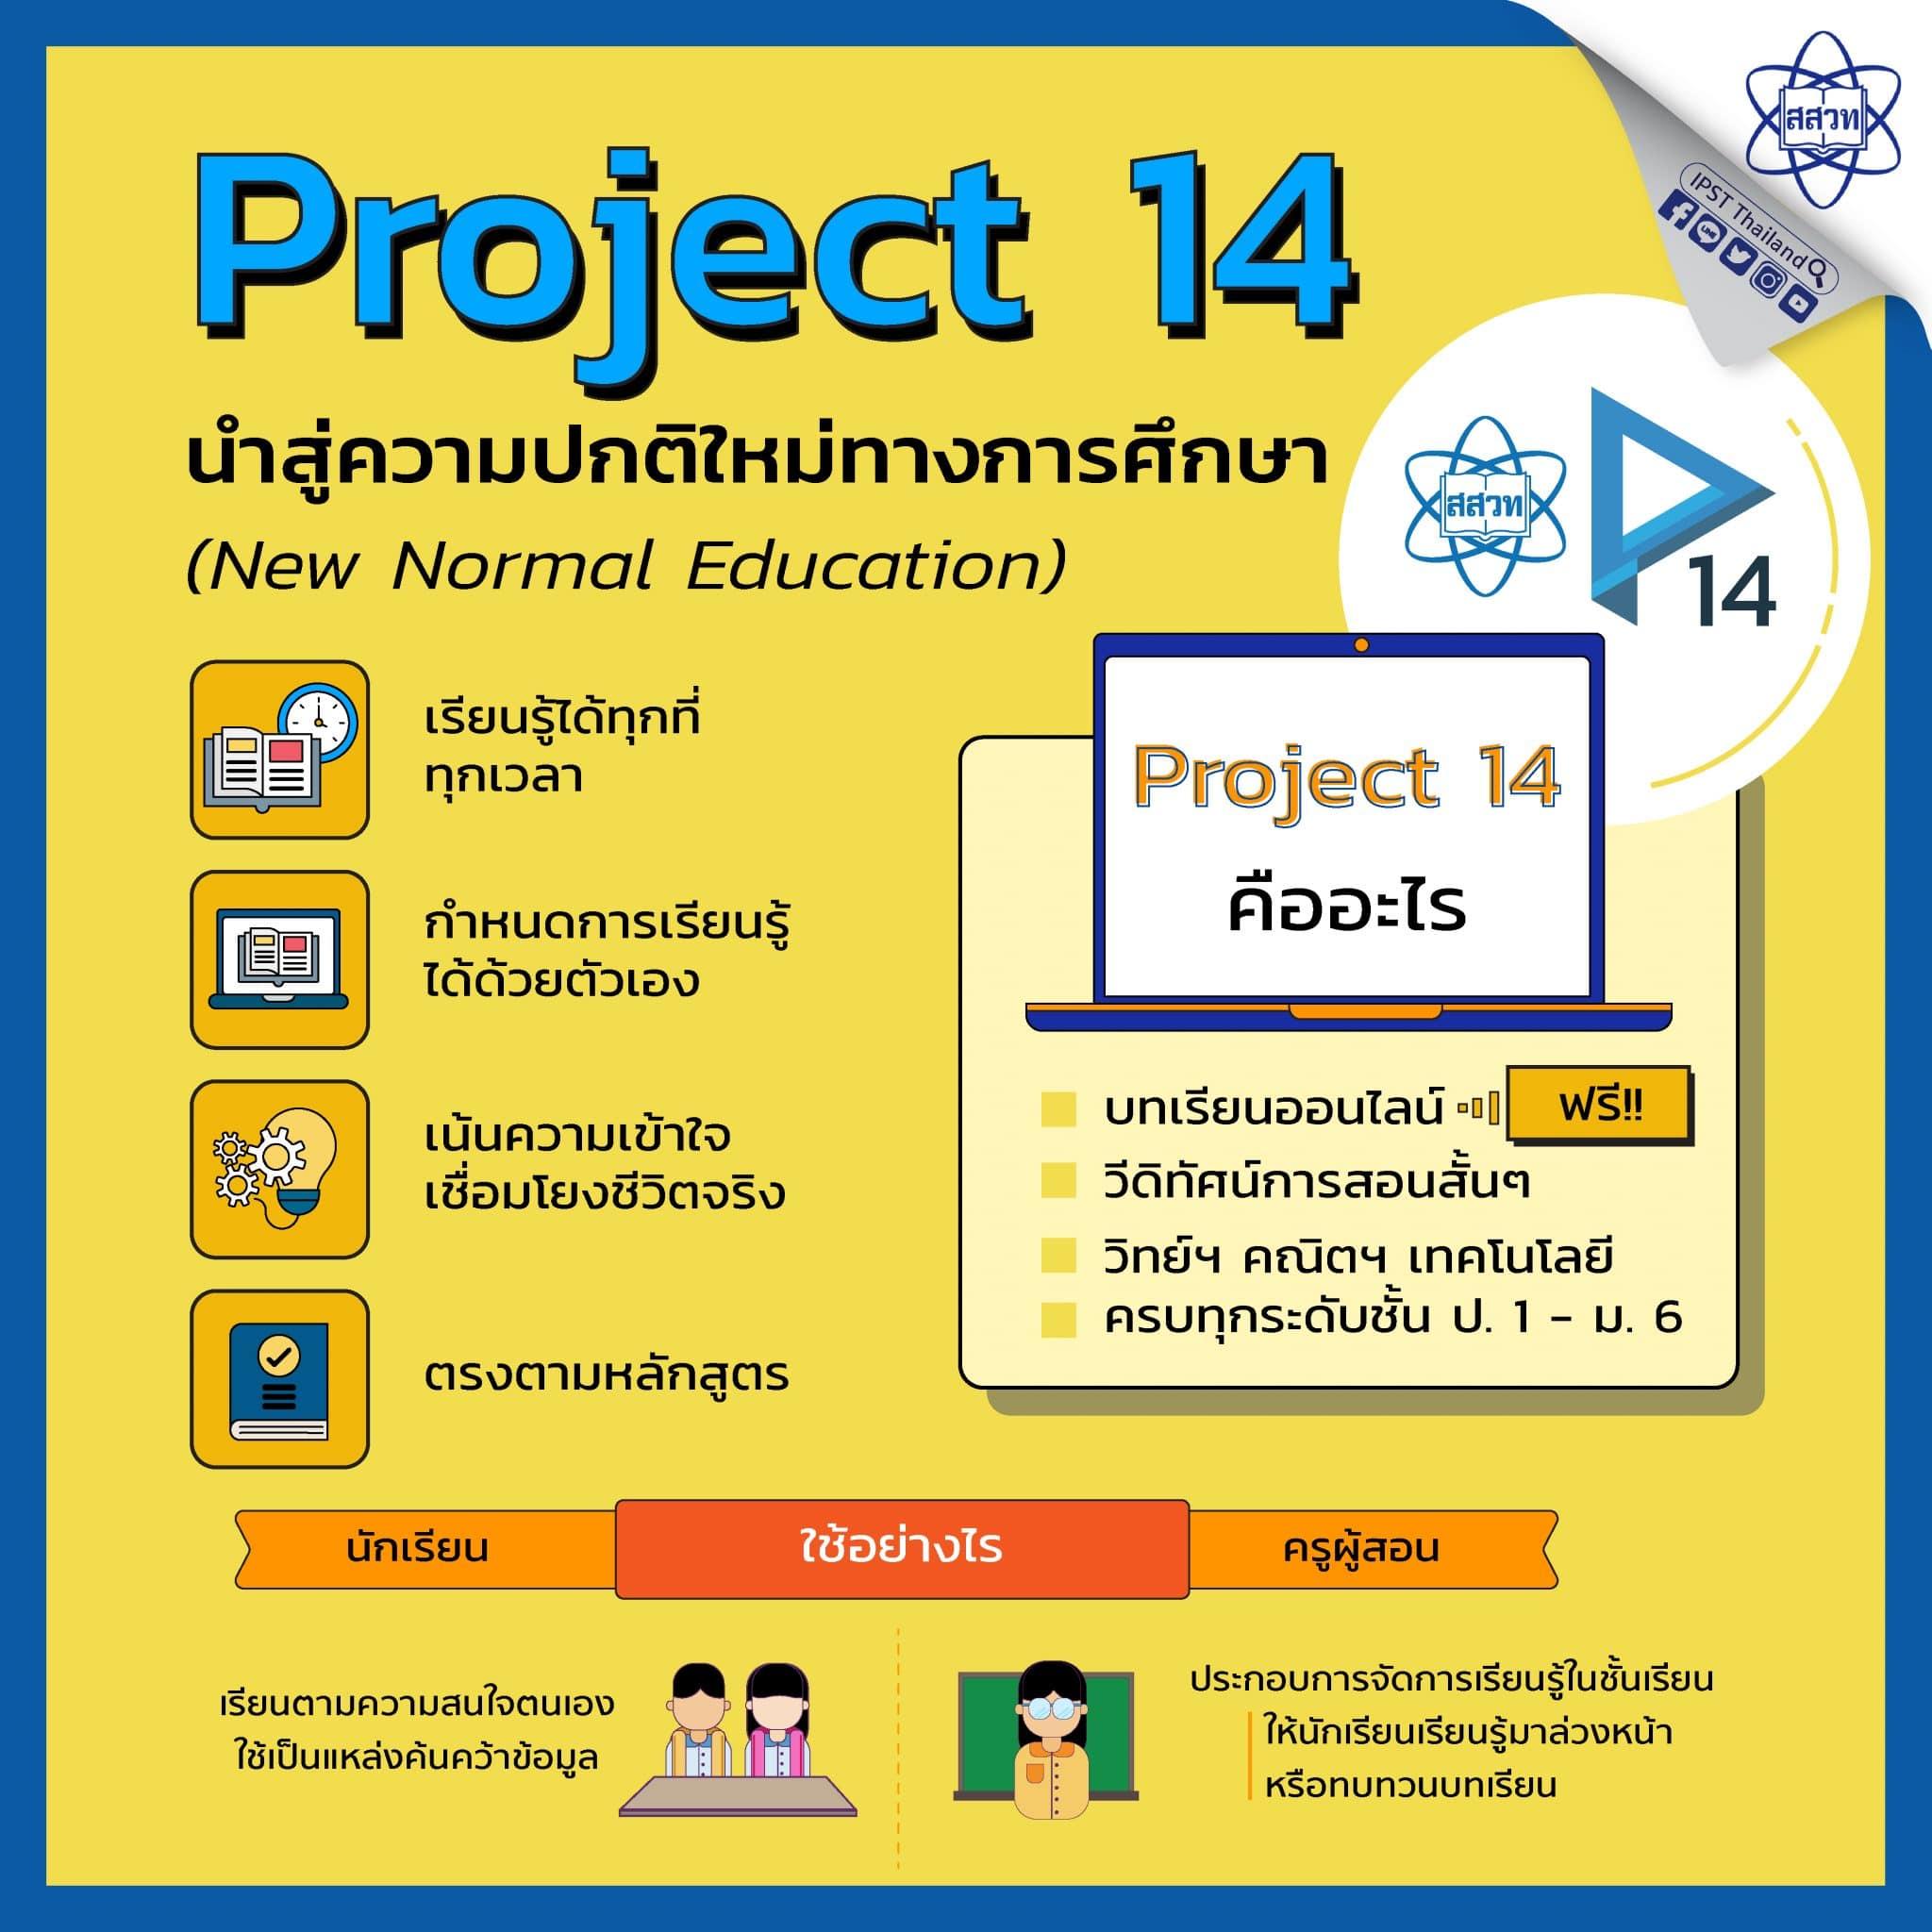 คุณครูต้องรู้!! โครงการสอนออนไลน์ Project14 สสวท.ครบทุกระดับชั้น ป.1-ม.6 วิทย์-คณิต-เทคโนโลยี